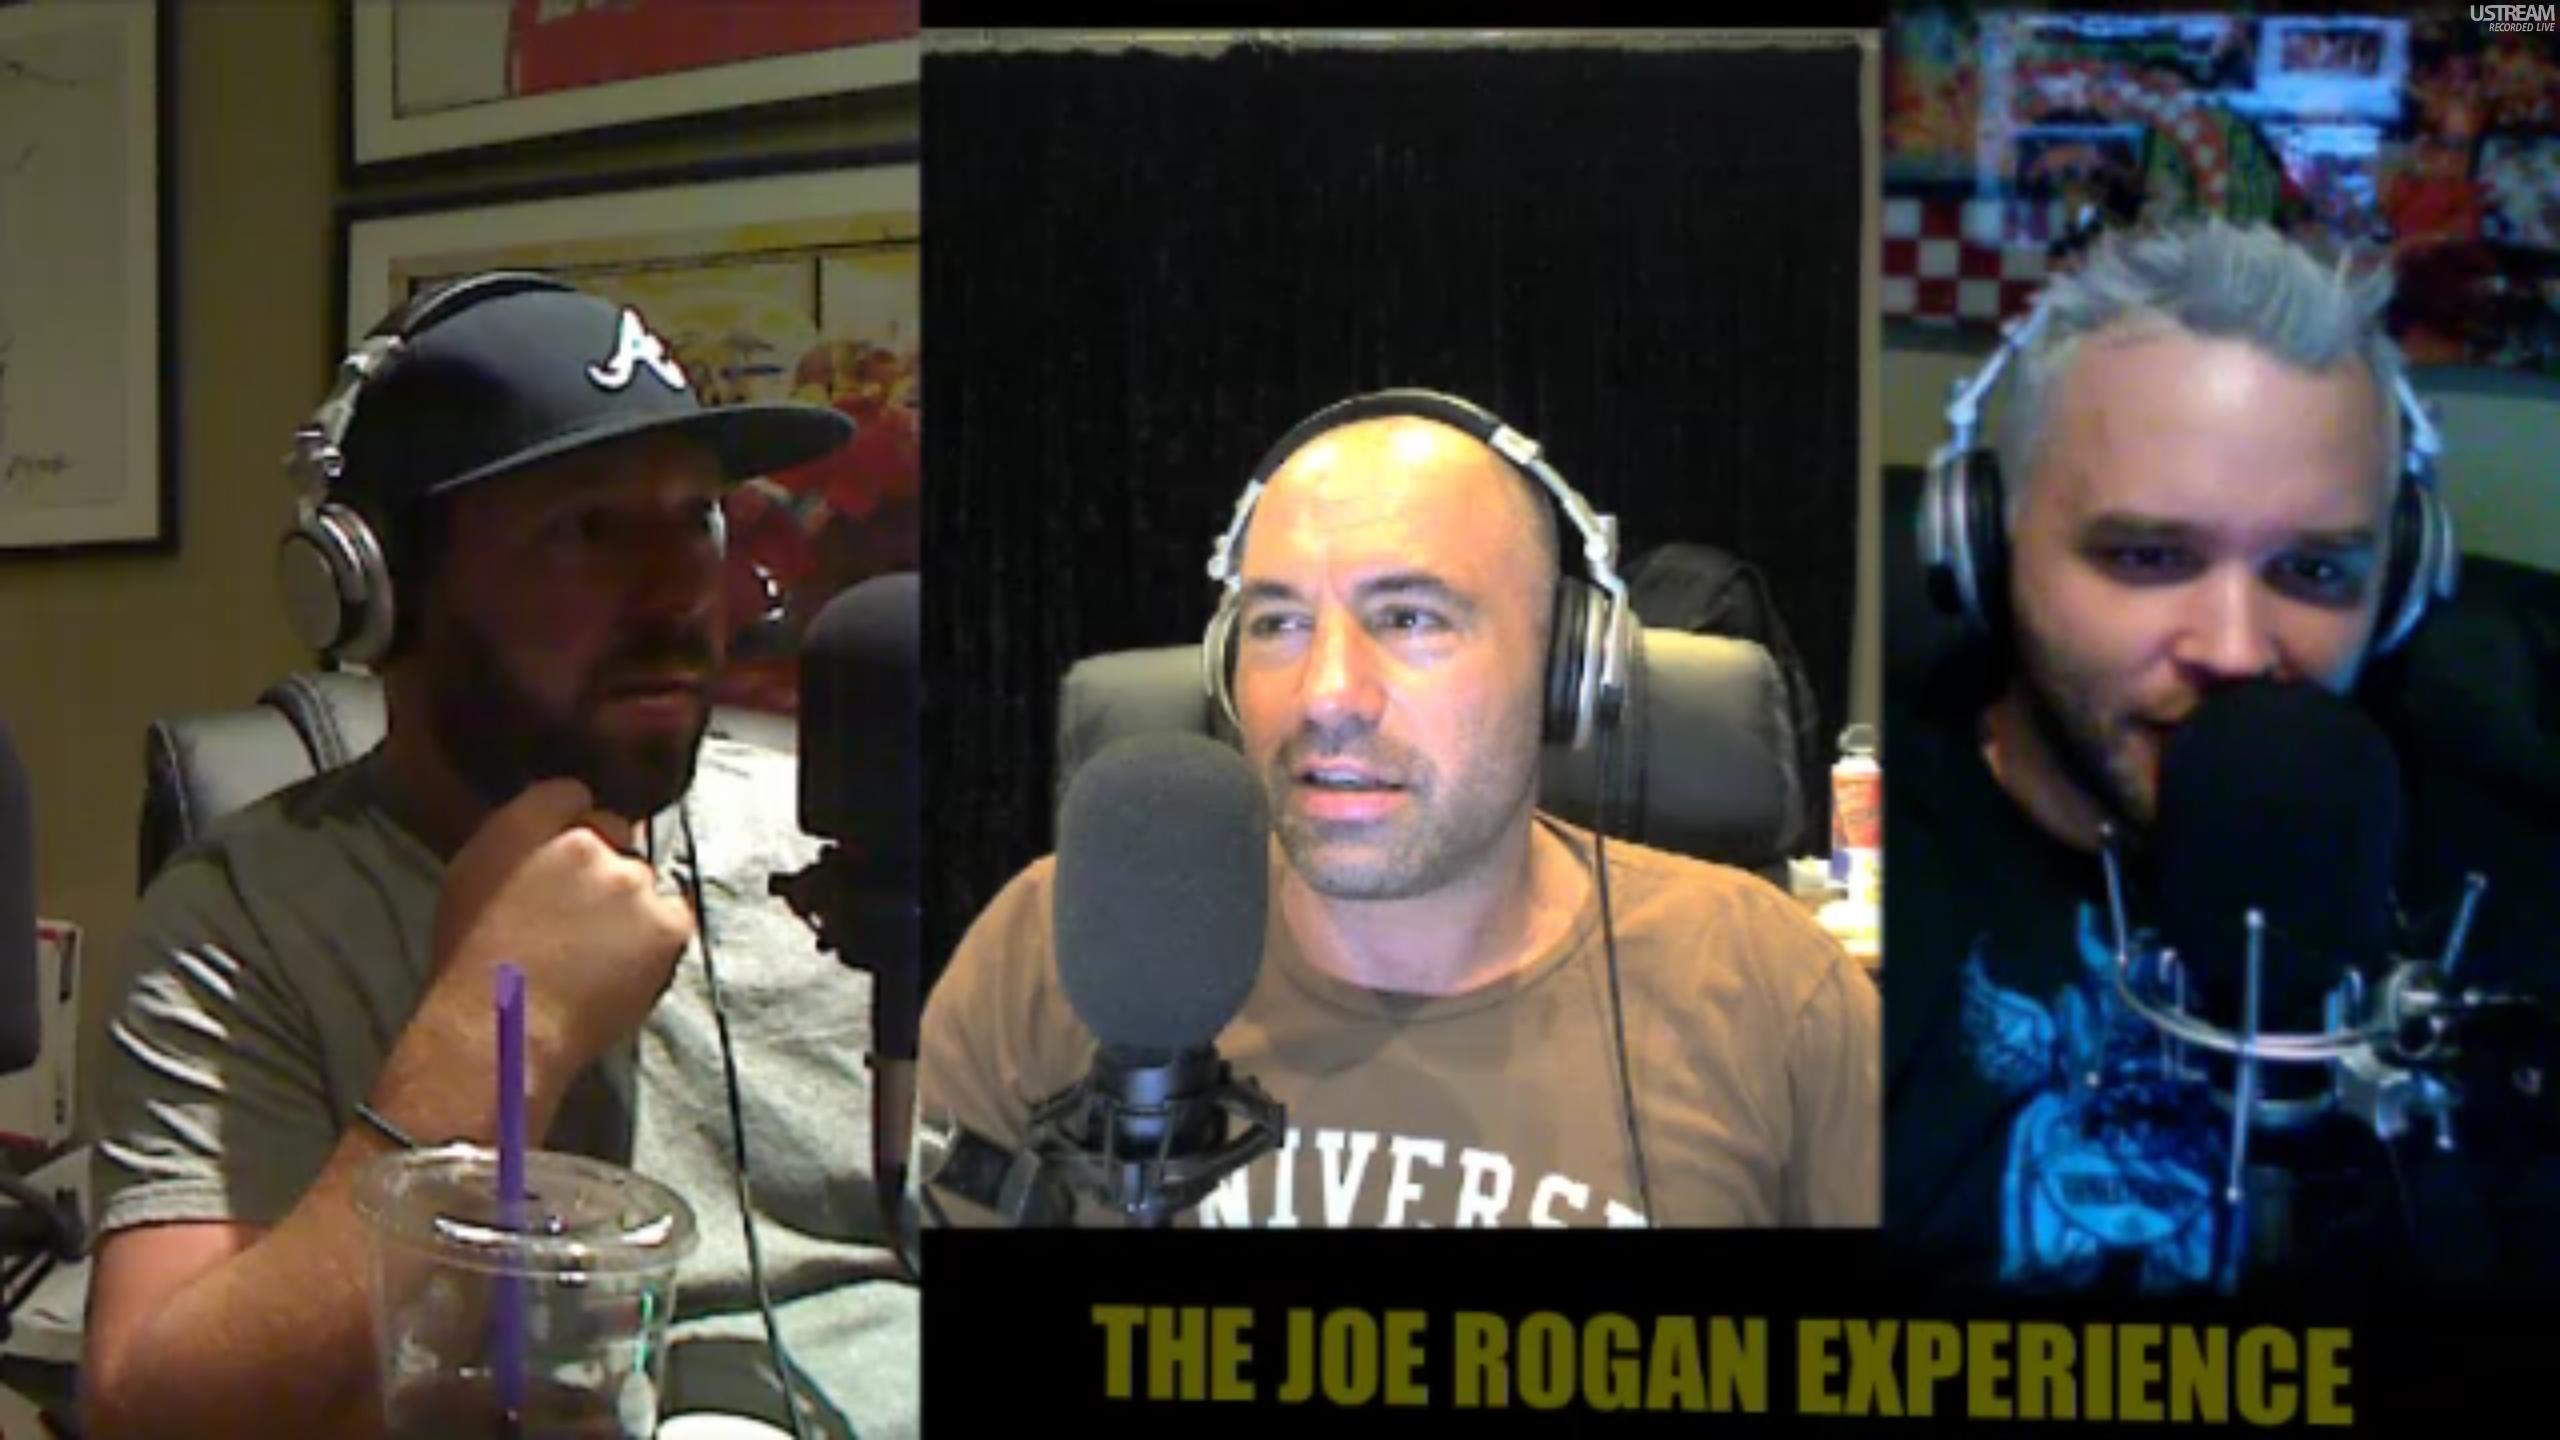 The Joe Rogan Experience #249 - Bert Kreischer, Brian Redban